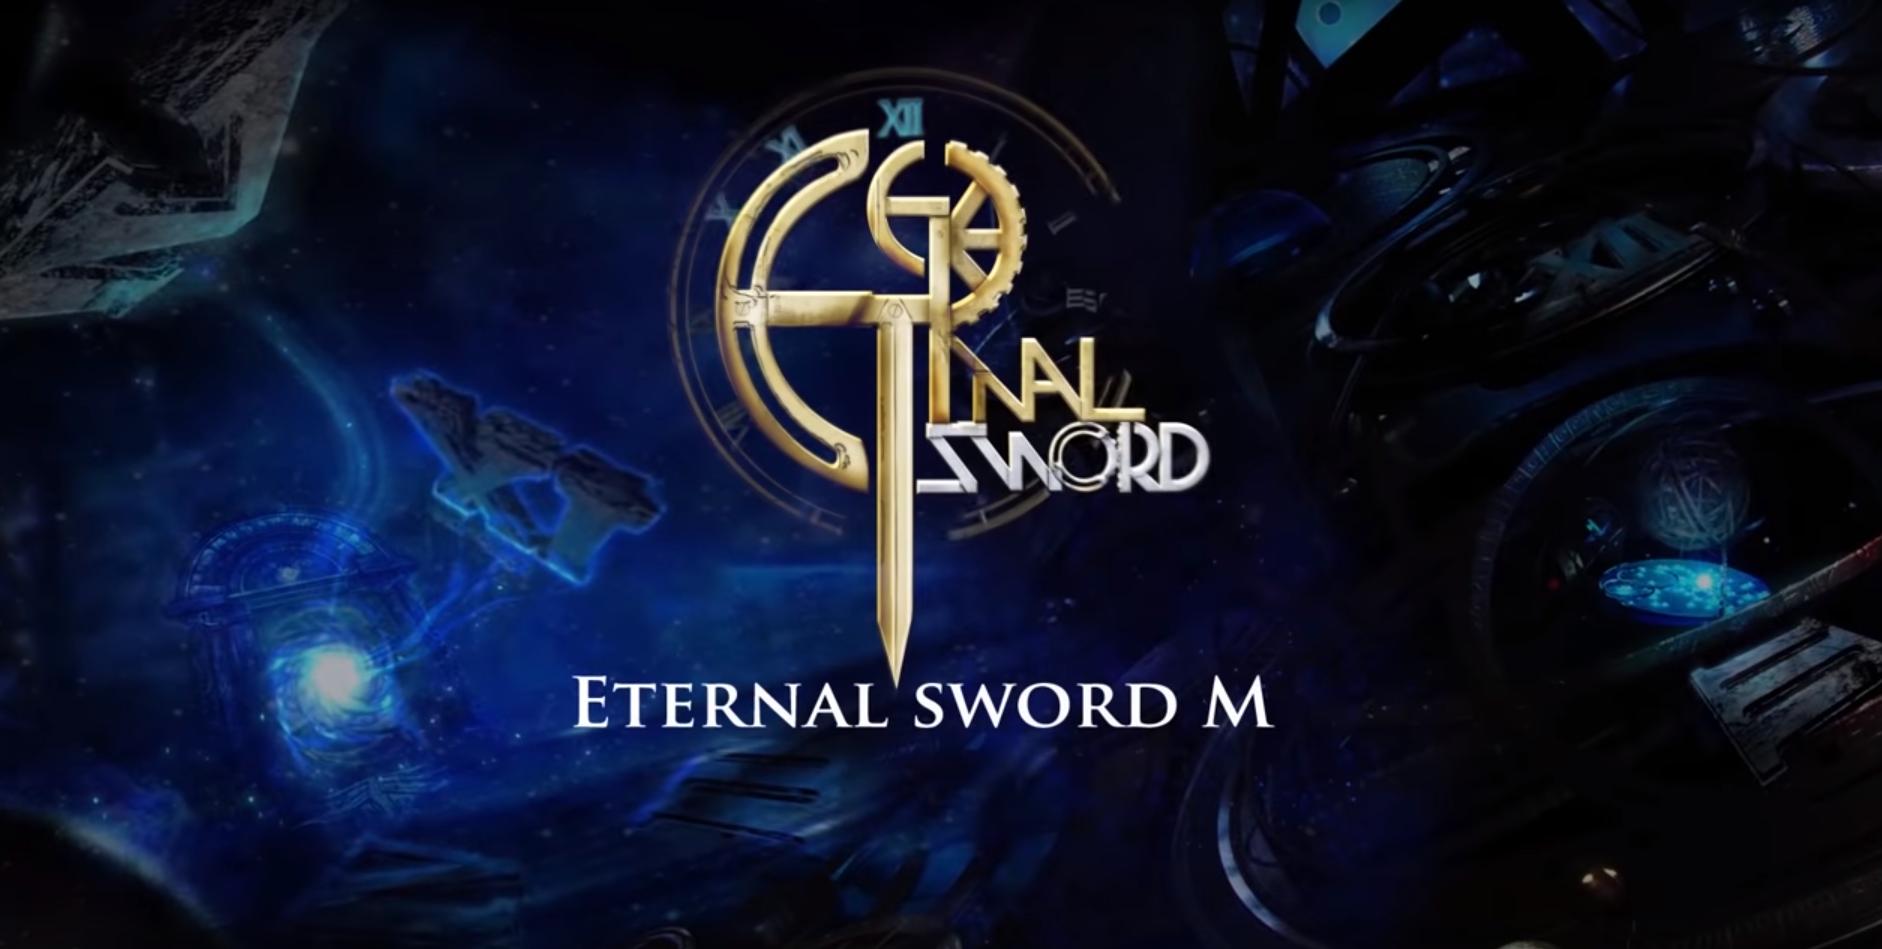 Yeni Başlayanlar İçin: Eternal Sword M Rehberi